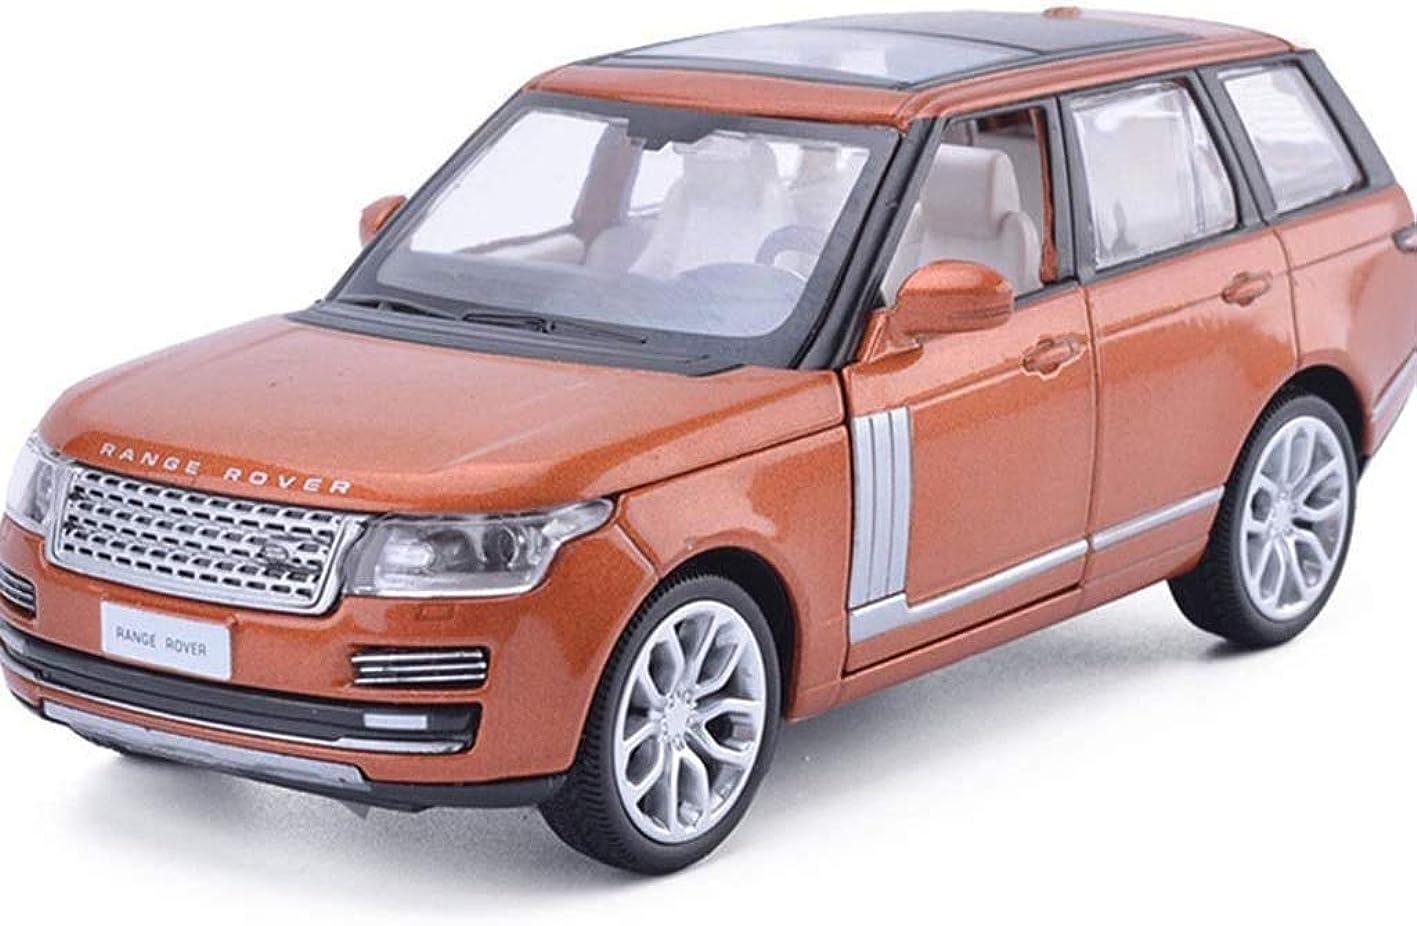 面積自分の力ですべてをする大型トラックIAIZI モデルカーカーモデルのシミュレーションのおもちゃの車1/32音と光の扉を開き、クロスカントリーカーモデル - オレンジ/カーキモデルボーイズギフトを送るために、